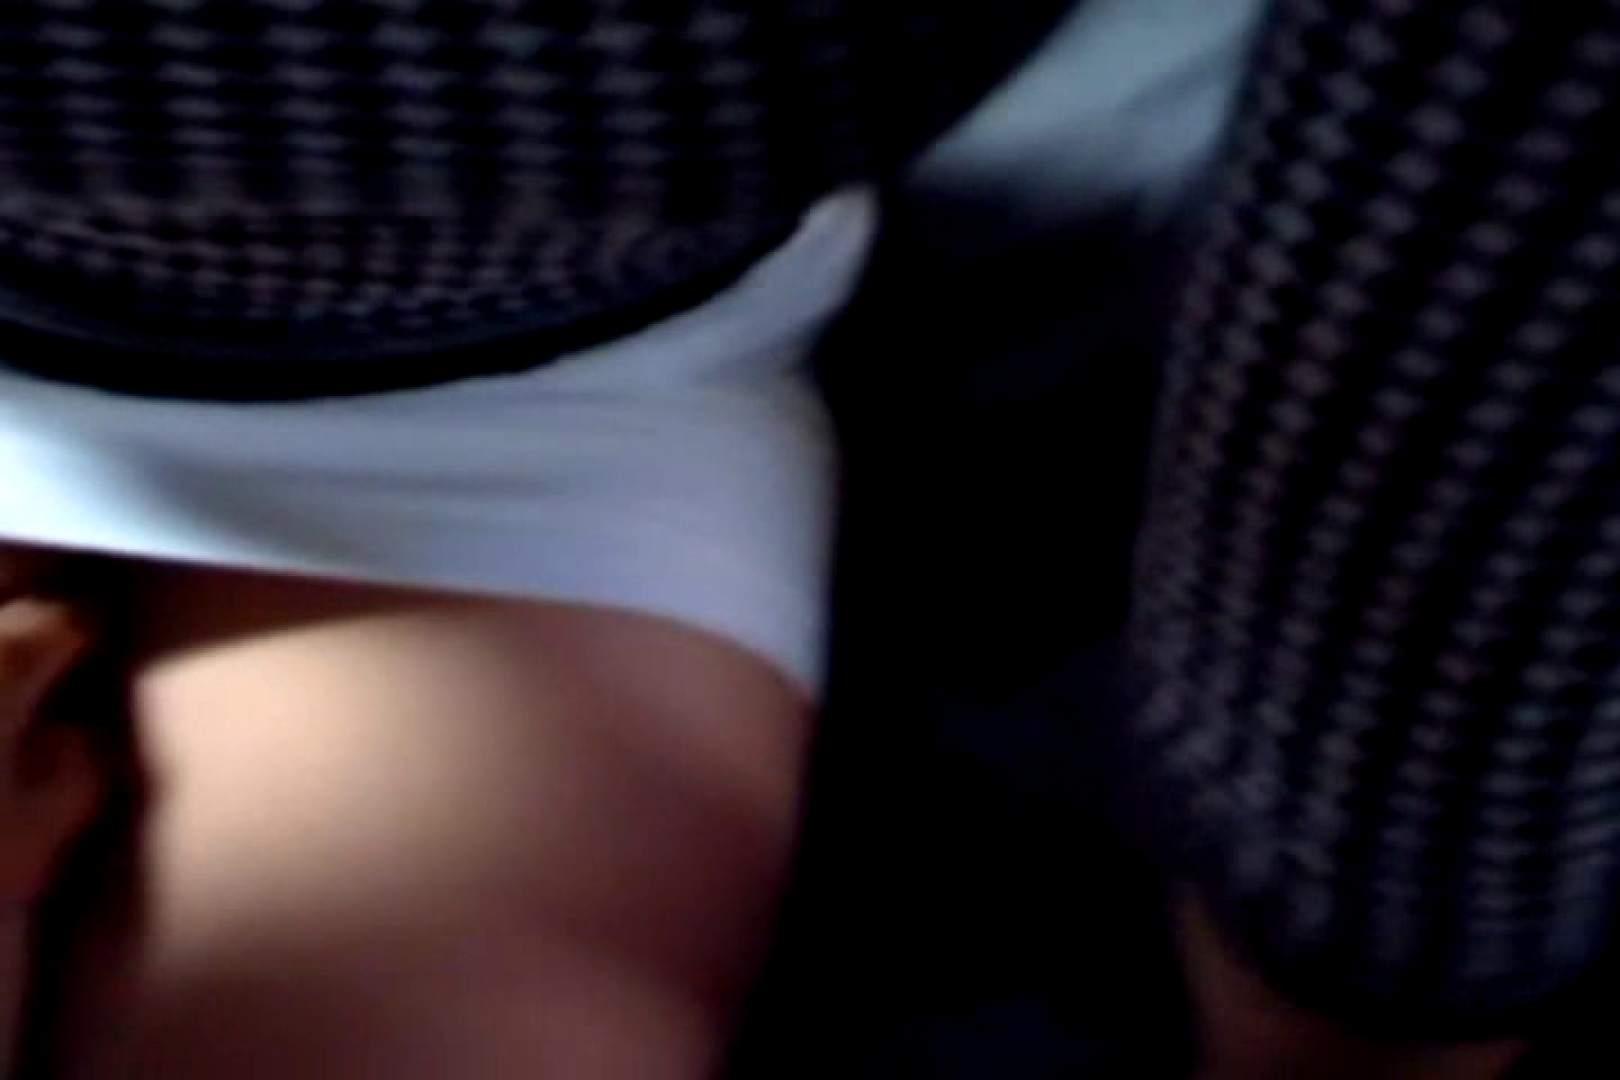 ウイルス流出 三重県四日市元準ミス樹林 コスプレ  88連発 4